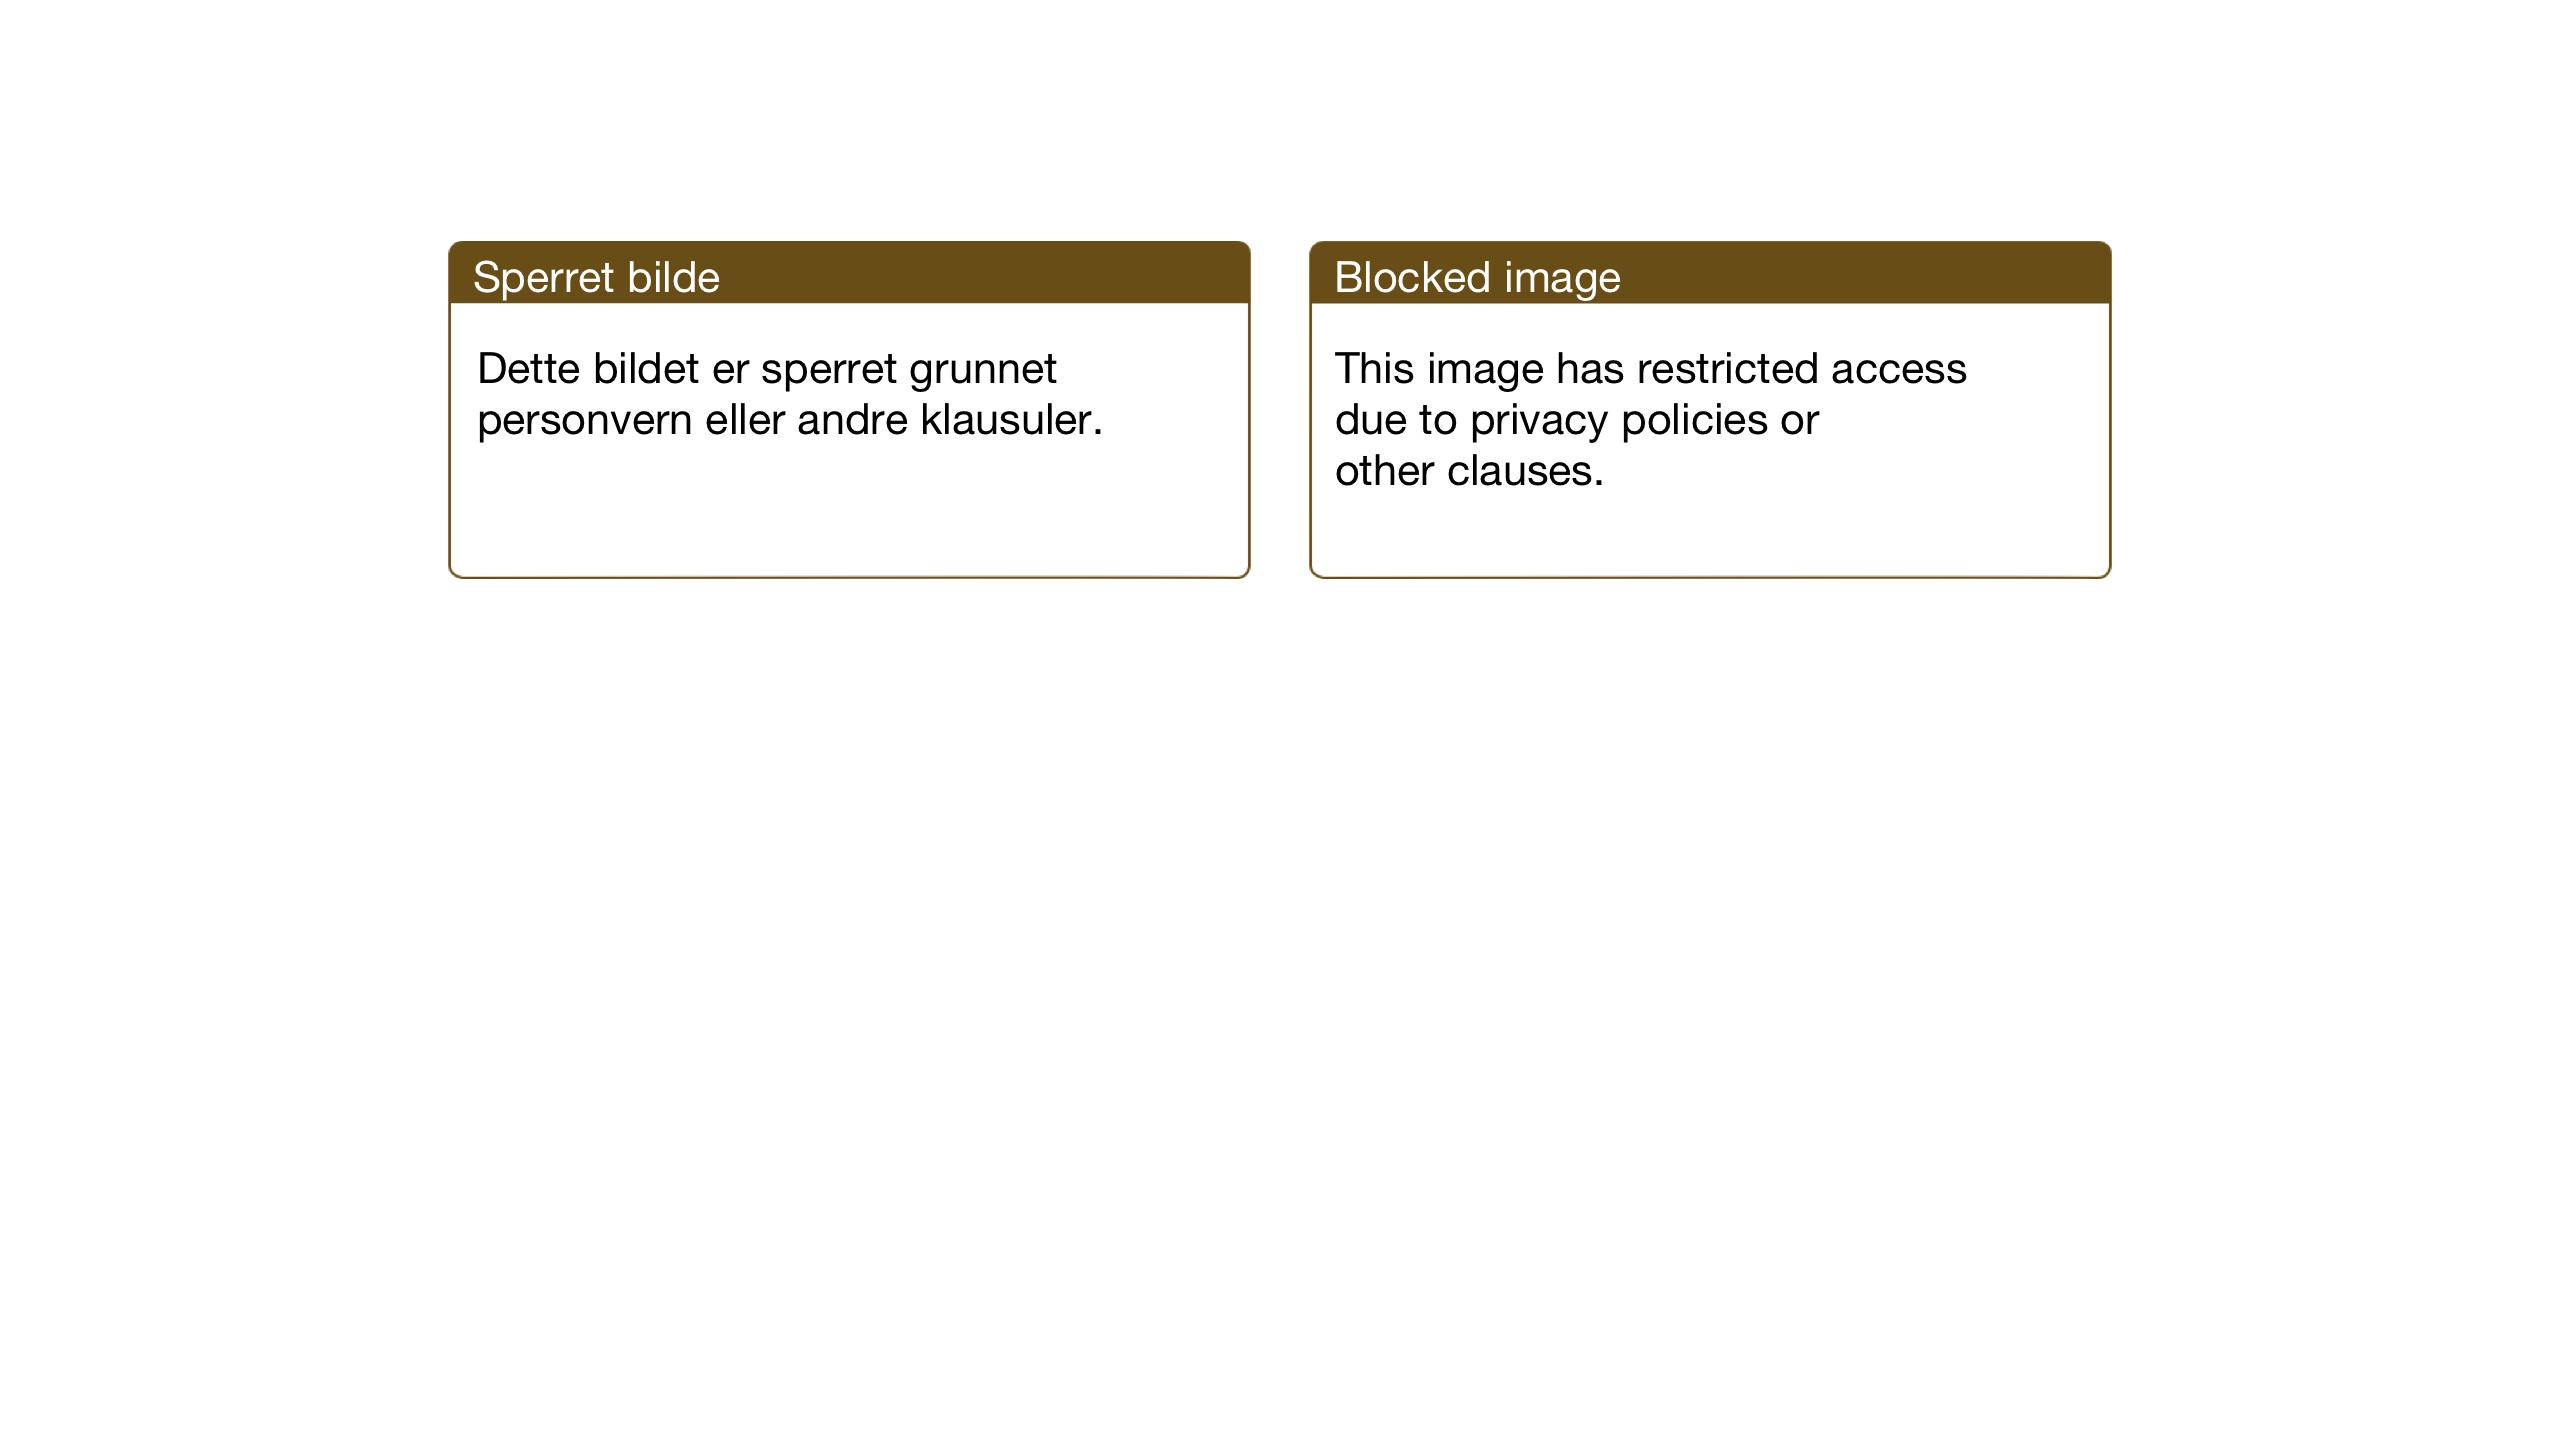 SAT, Ministerialprotokoller, klokkerbøker og fødselsregistre - Nord-Trøndelag, 733/L0328: Klokkerbok nr. 733C03, 1919-1966, s. 104